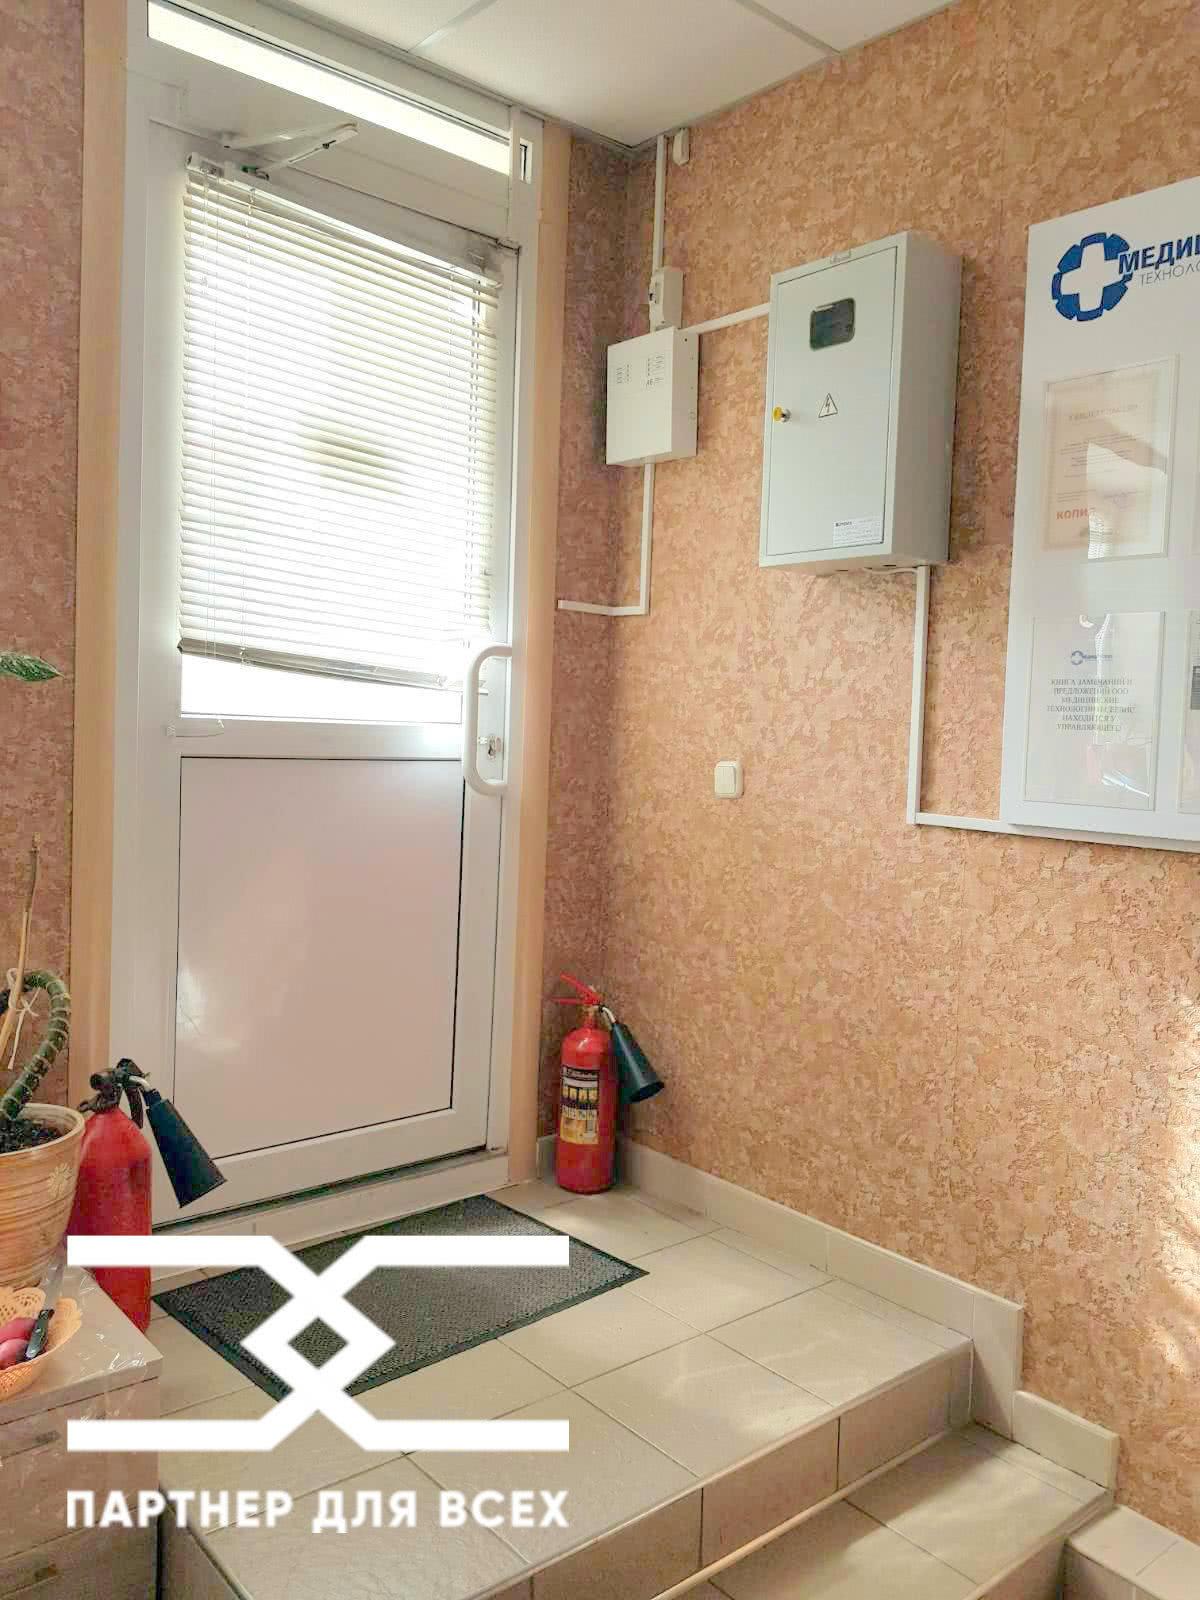 Продажа офиса на ул. Пономаренко, д. 35/А в Минске - фото 5